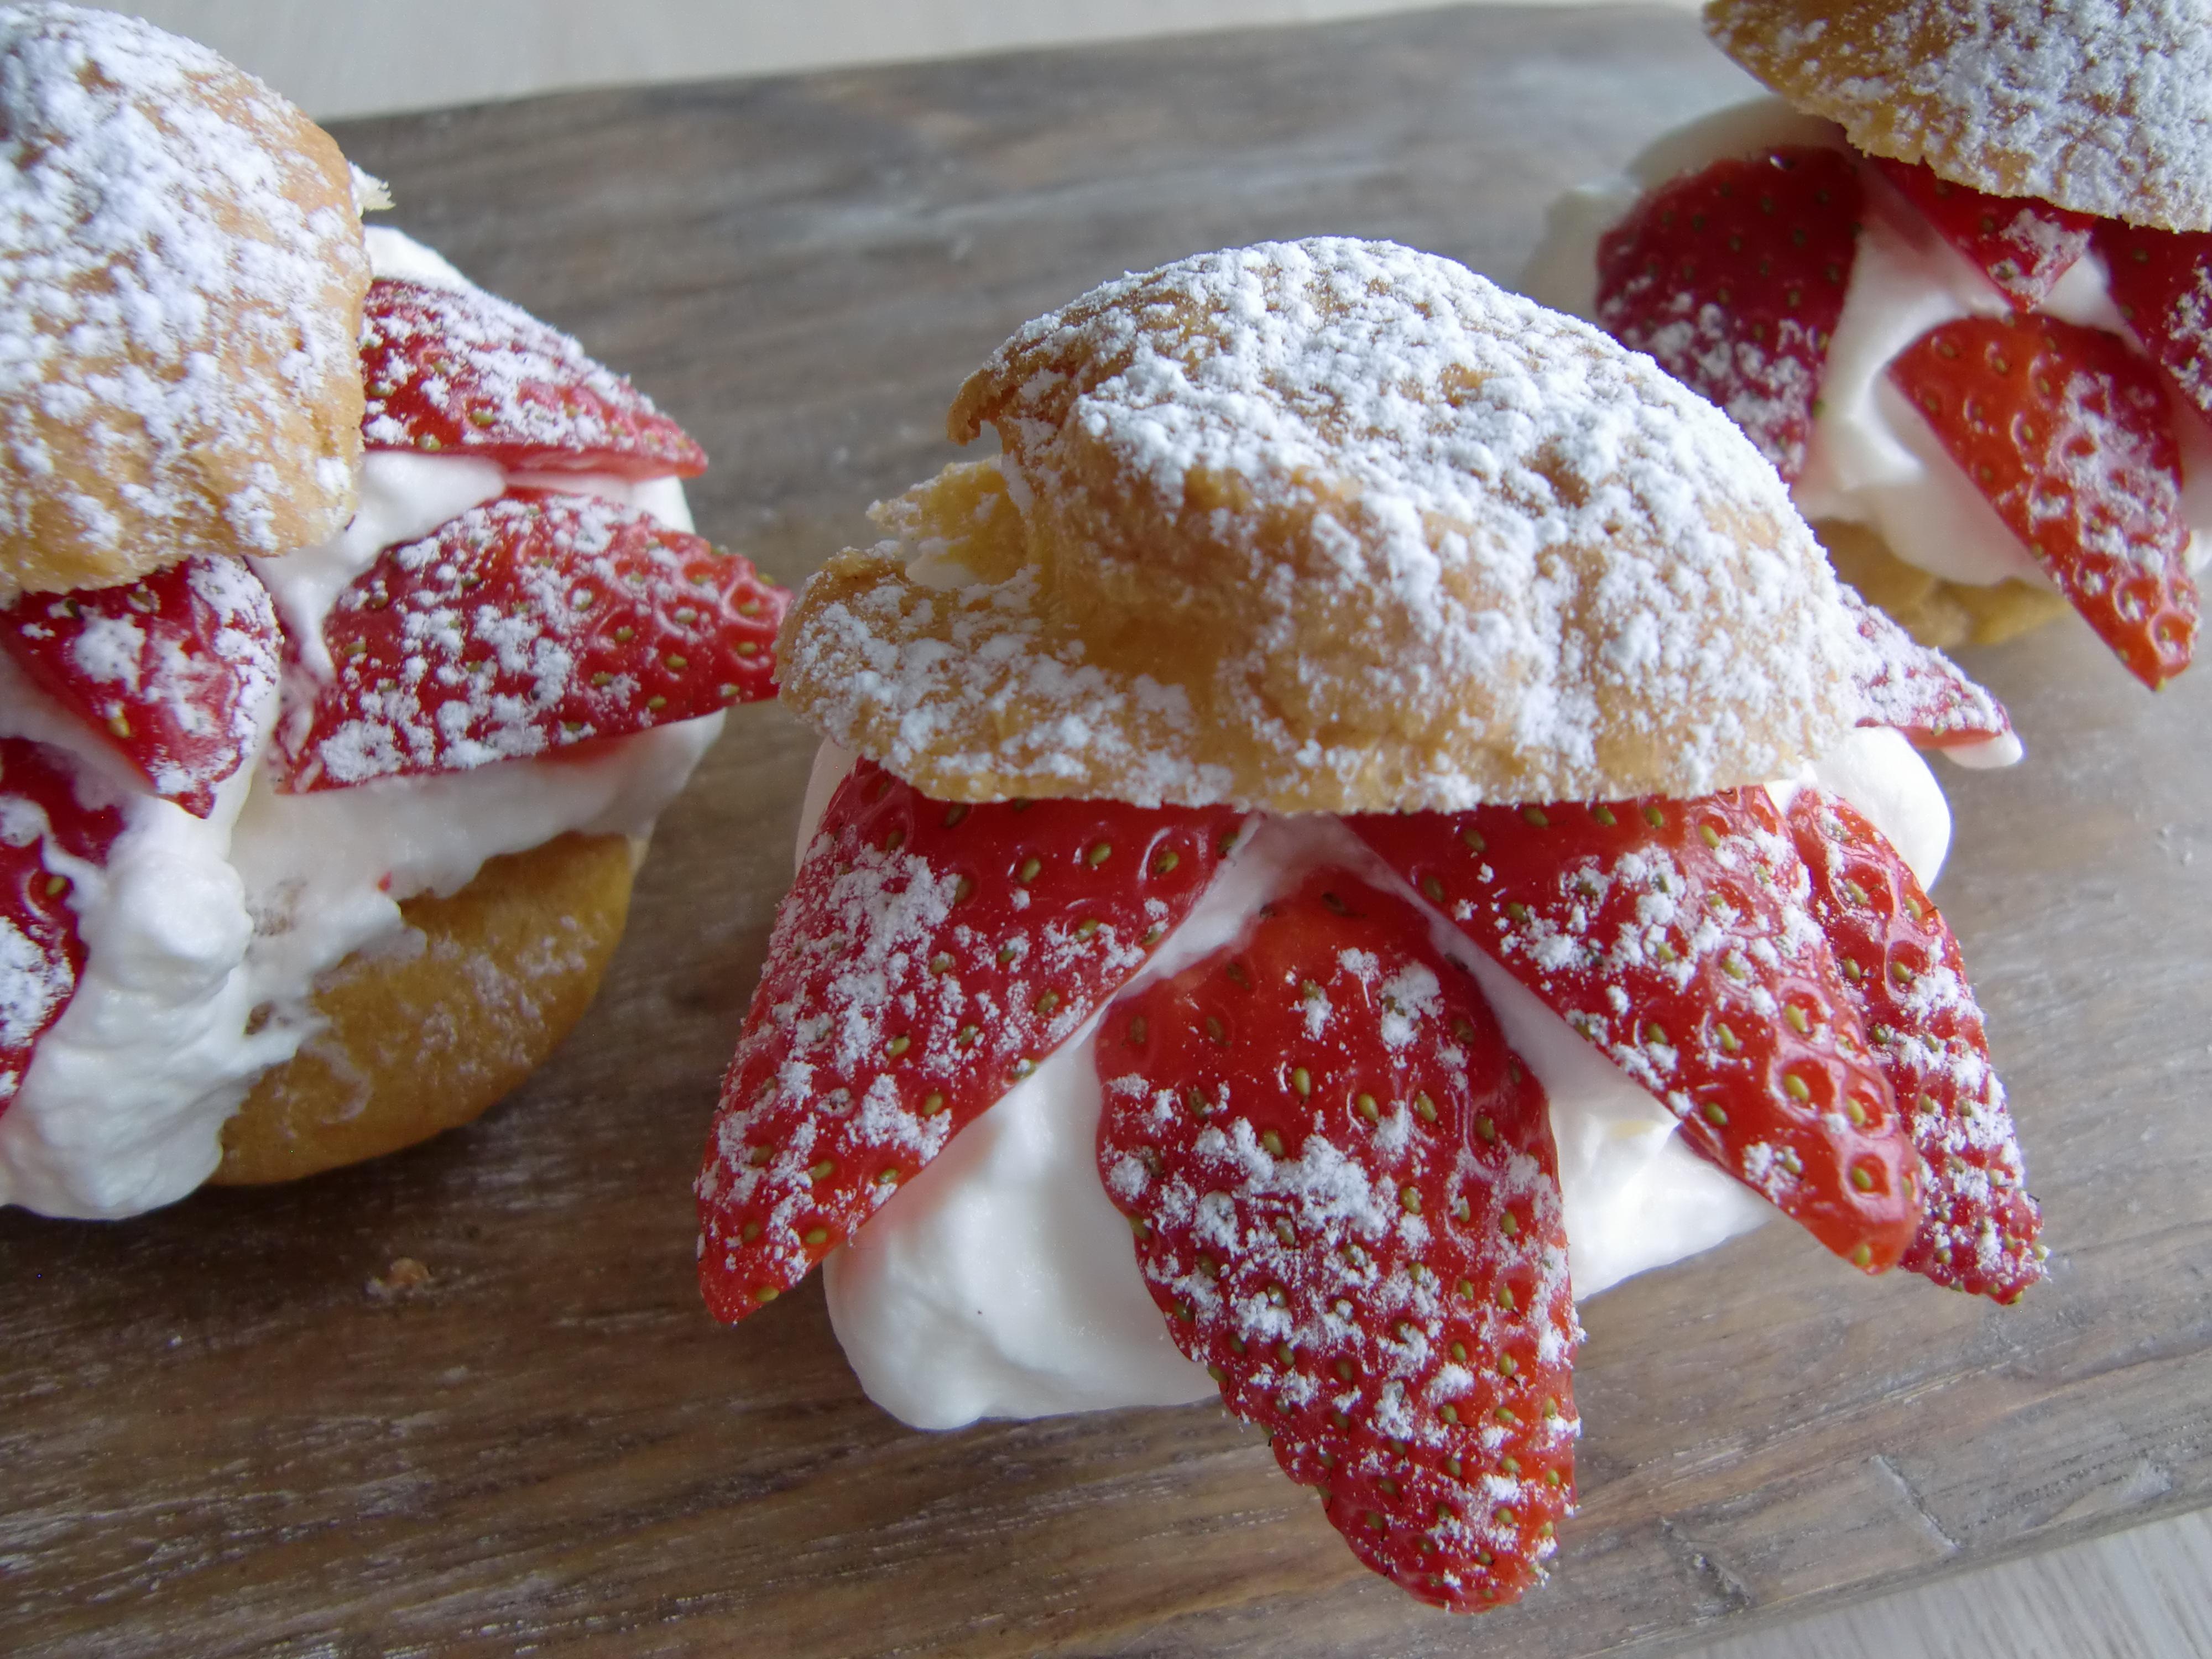 Vannbakkels - Choux Pastry